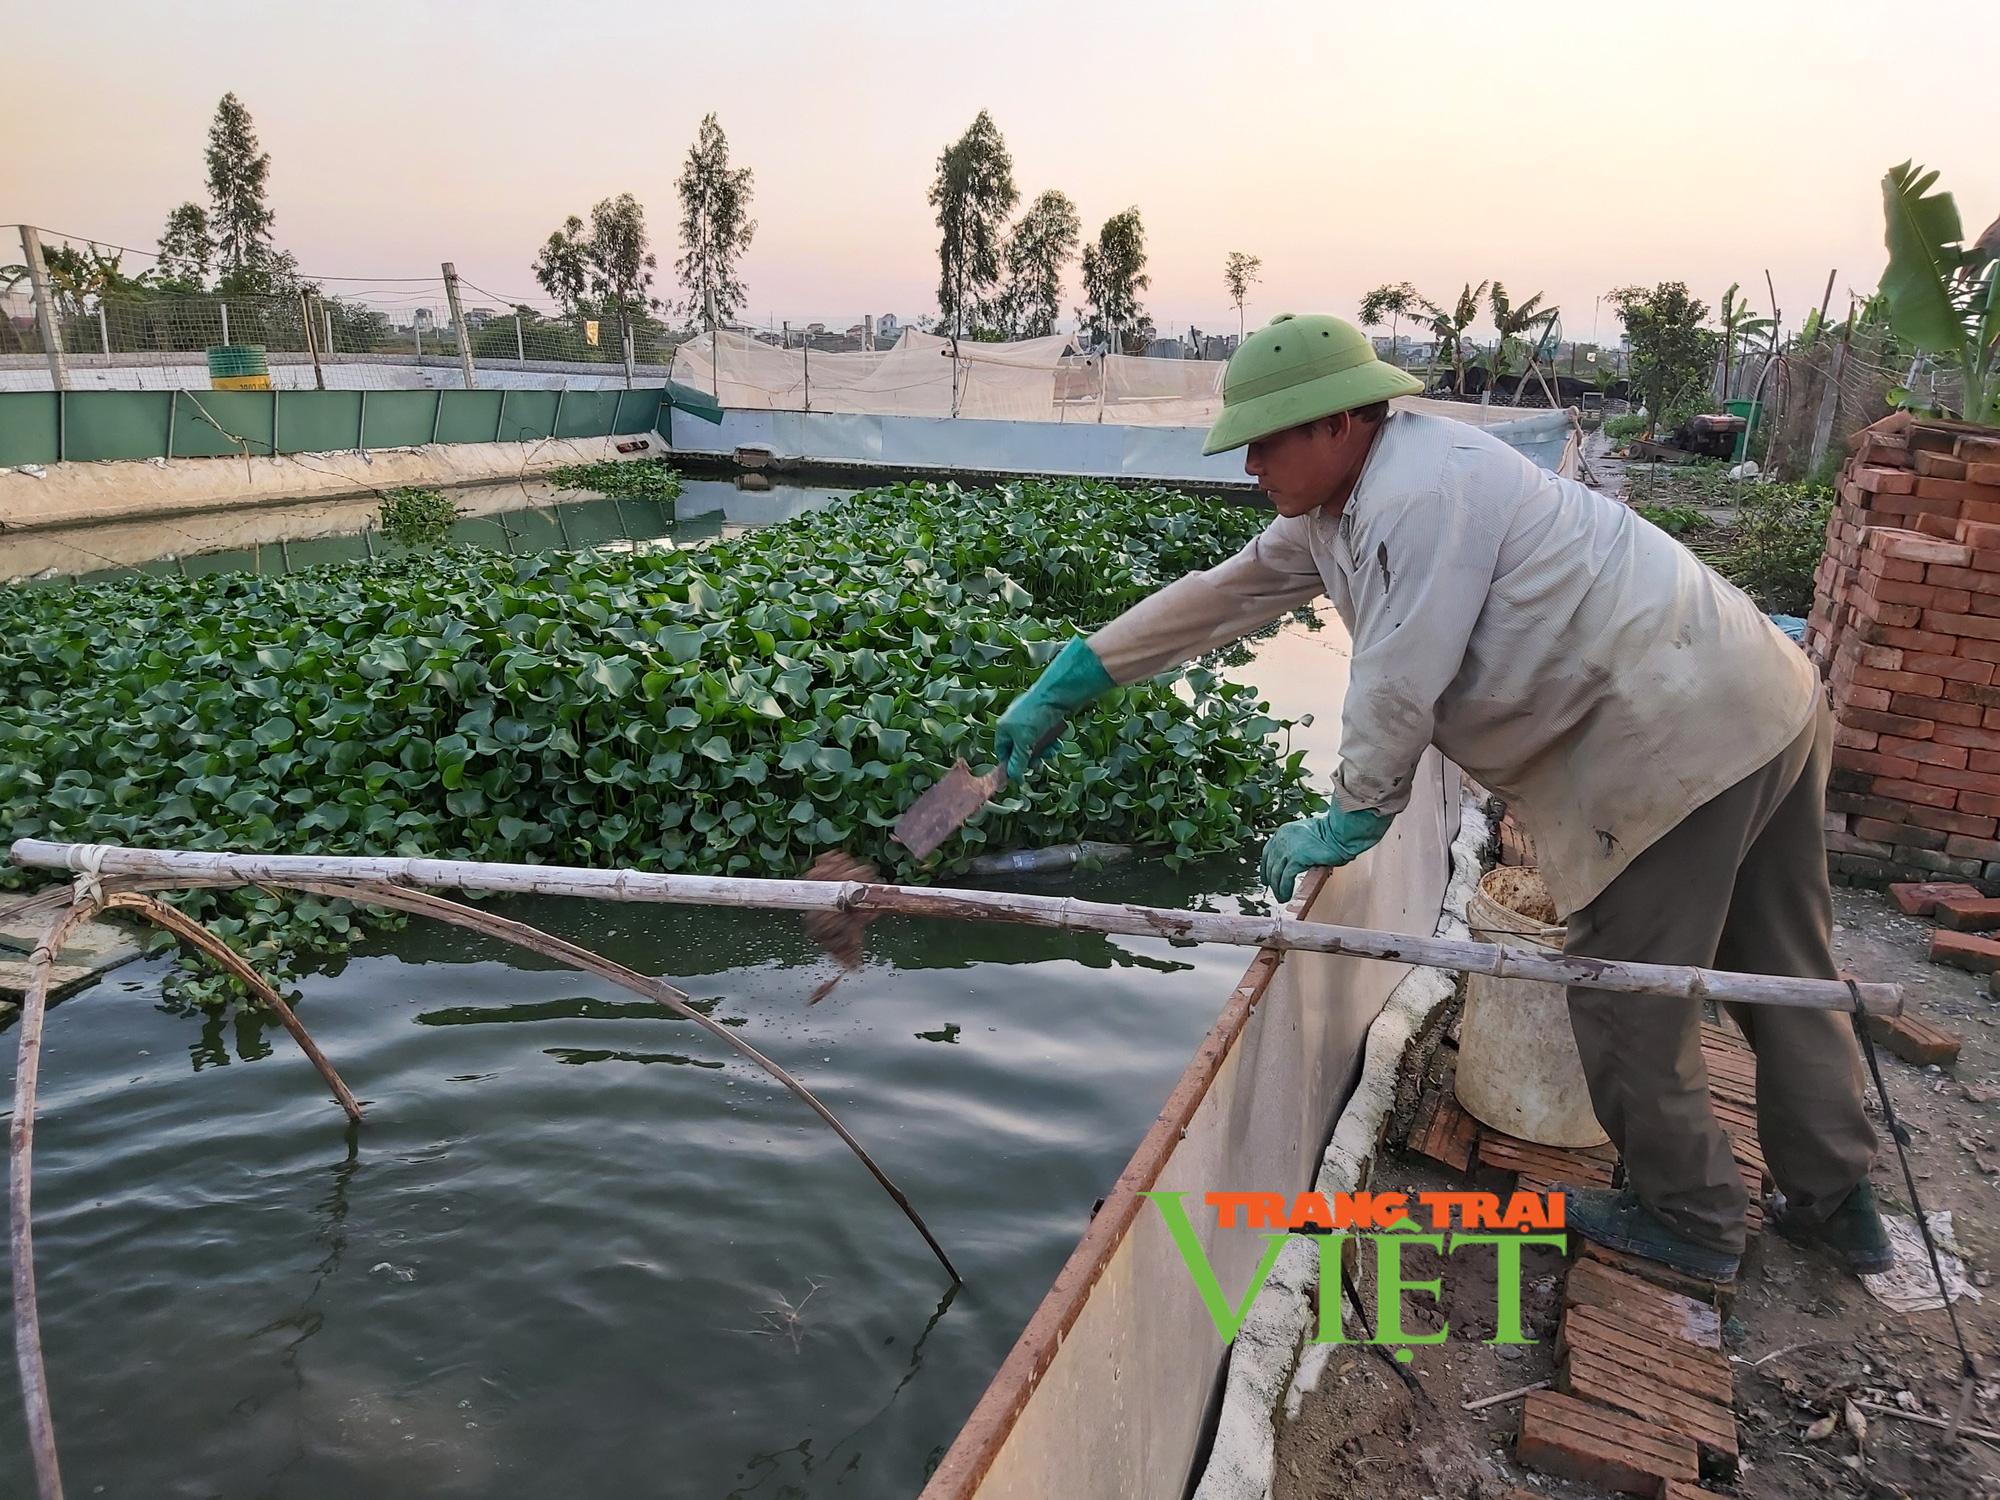 Hà Nội: Lão nông U50 thả nuôi ba ba gai cùng cá chuối hoa,  - Ảnh 6.